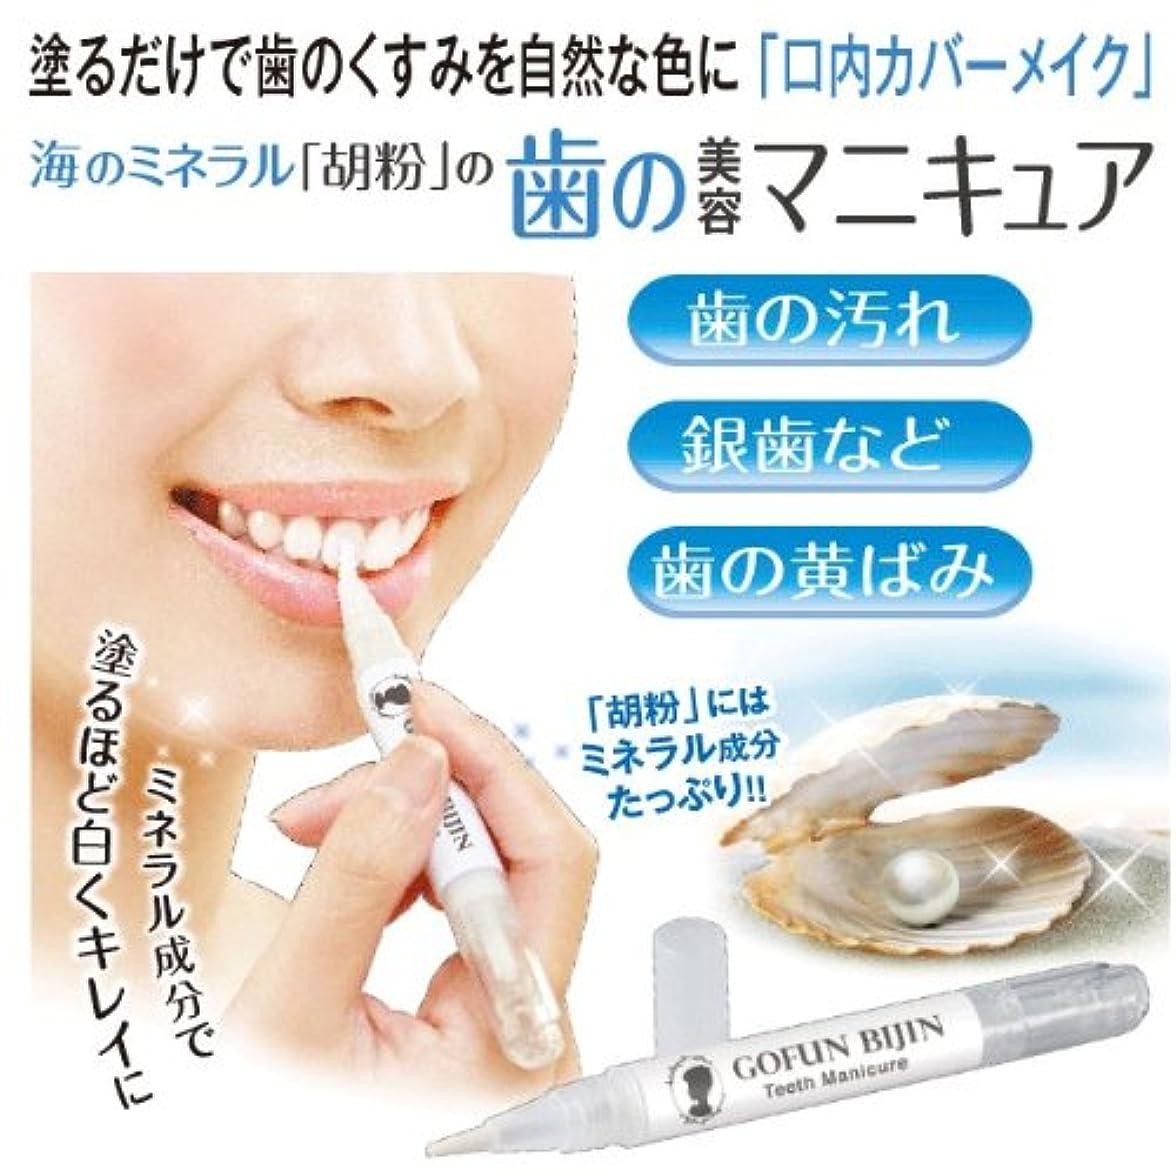 かかわらずストリーム好戦的な胡粉美人 歯マニキュア 歯にミネラルを補給してキレイに